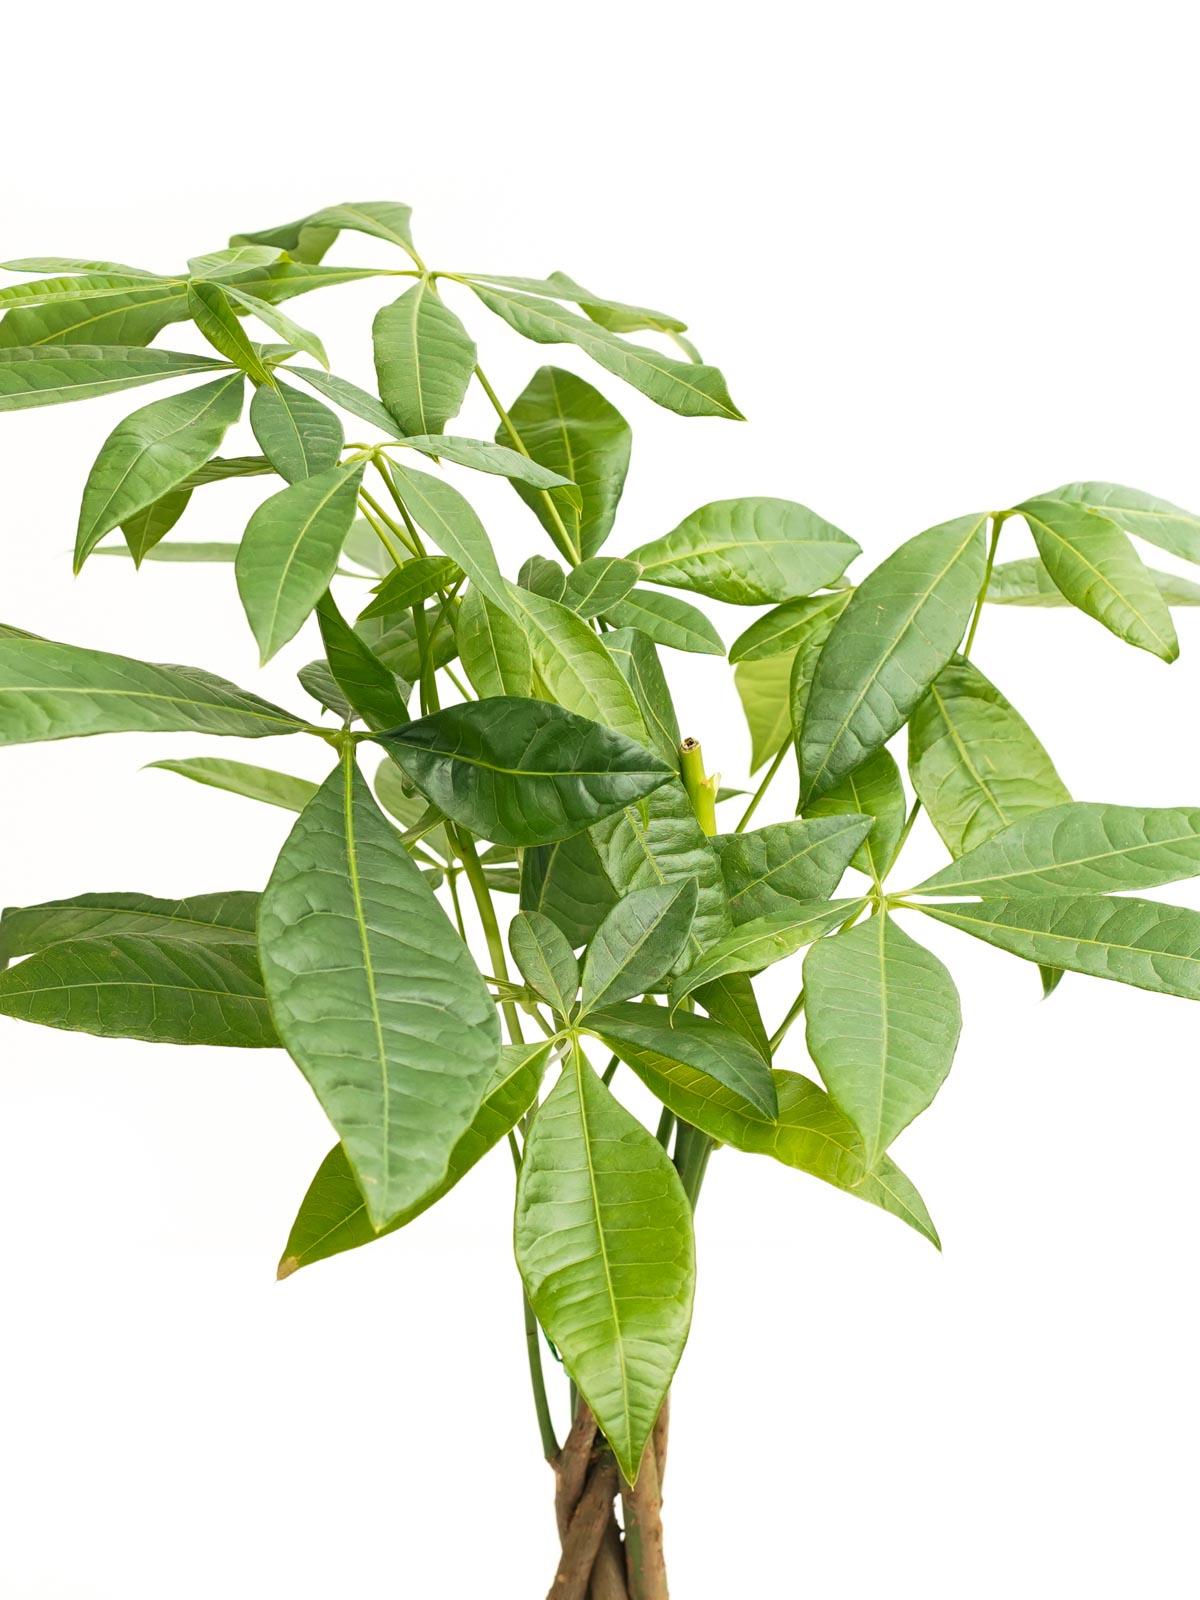 باتشيرا مجدلة صغيرة  'نباتات داخلية شجيرات